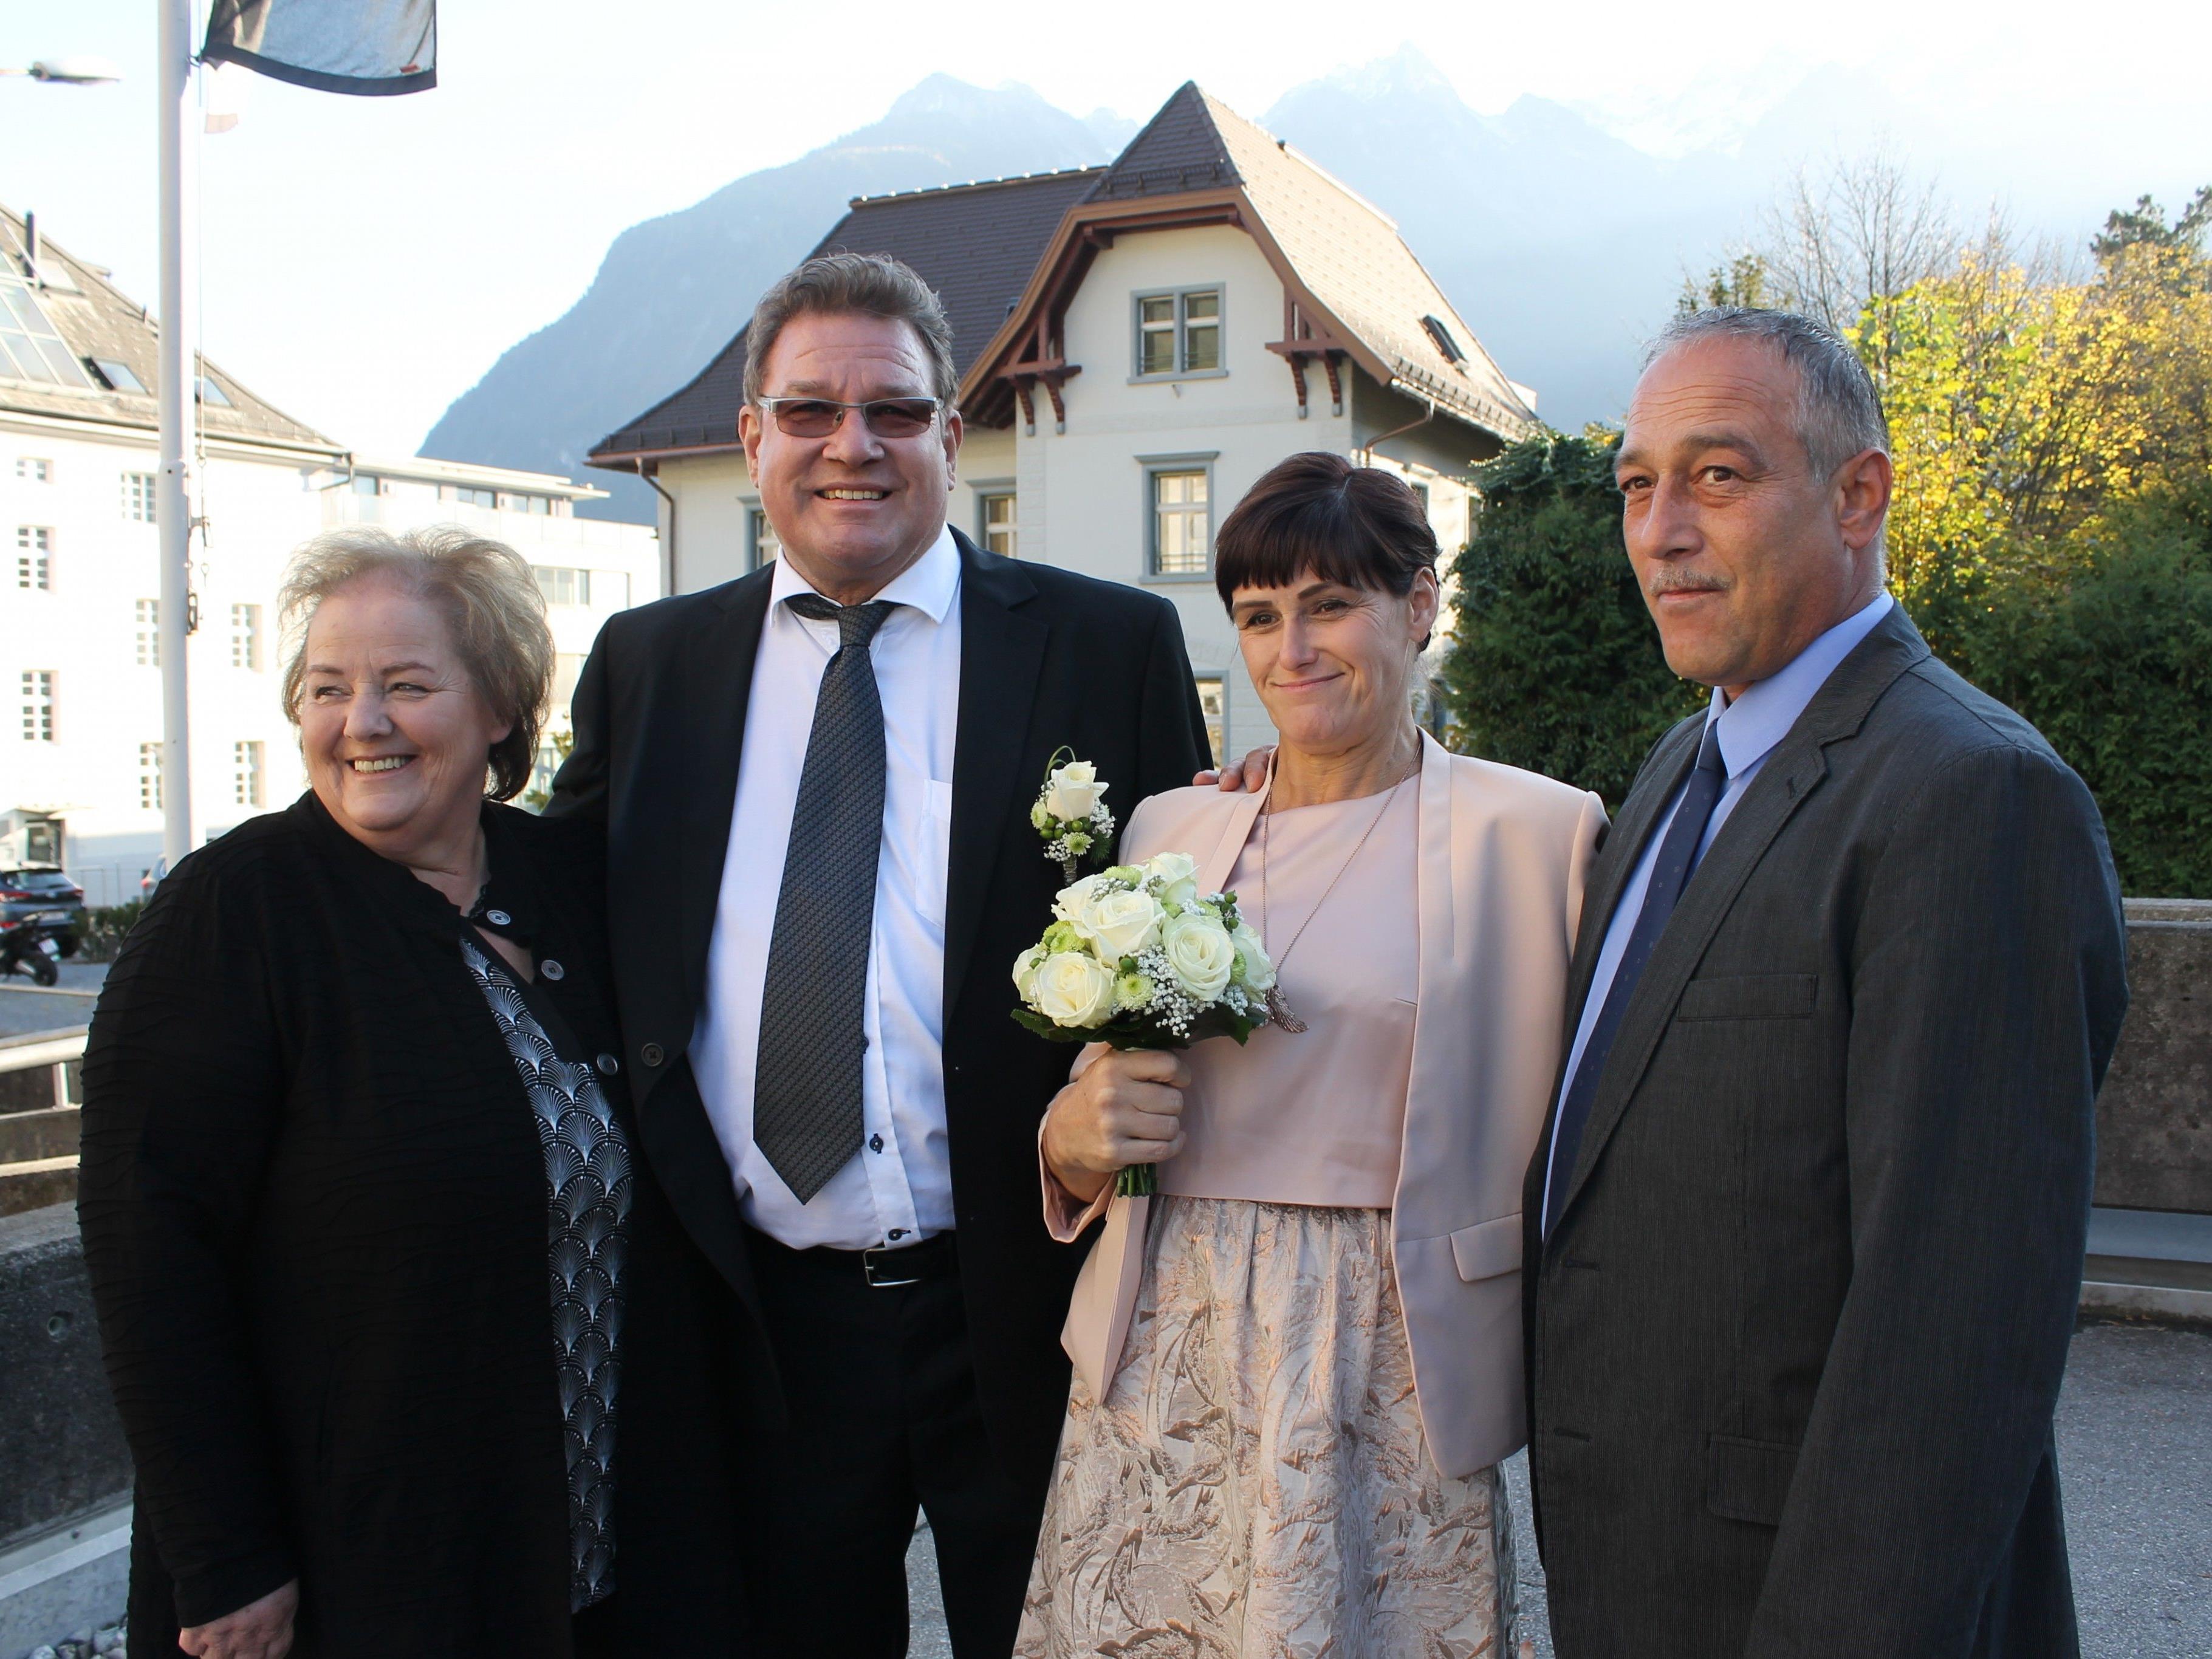 Sandra Hohenauer und Helmut Dreier haben geheiratet